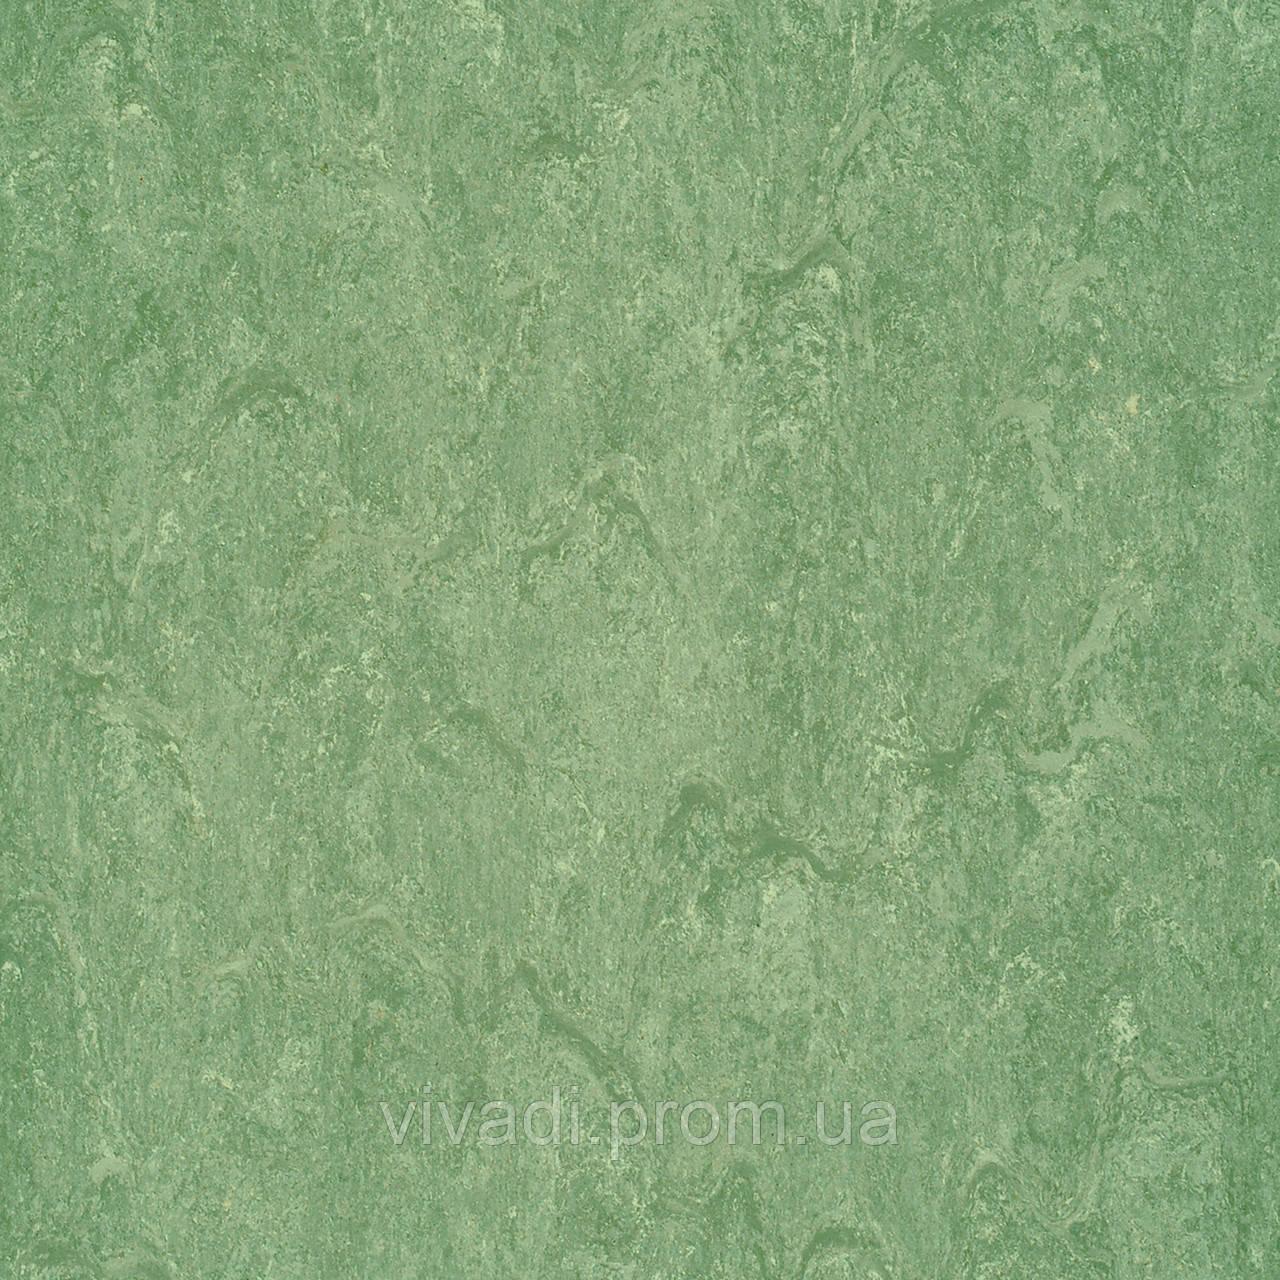 Натуральний лінолеум Marmorette PUR - колір 125-043